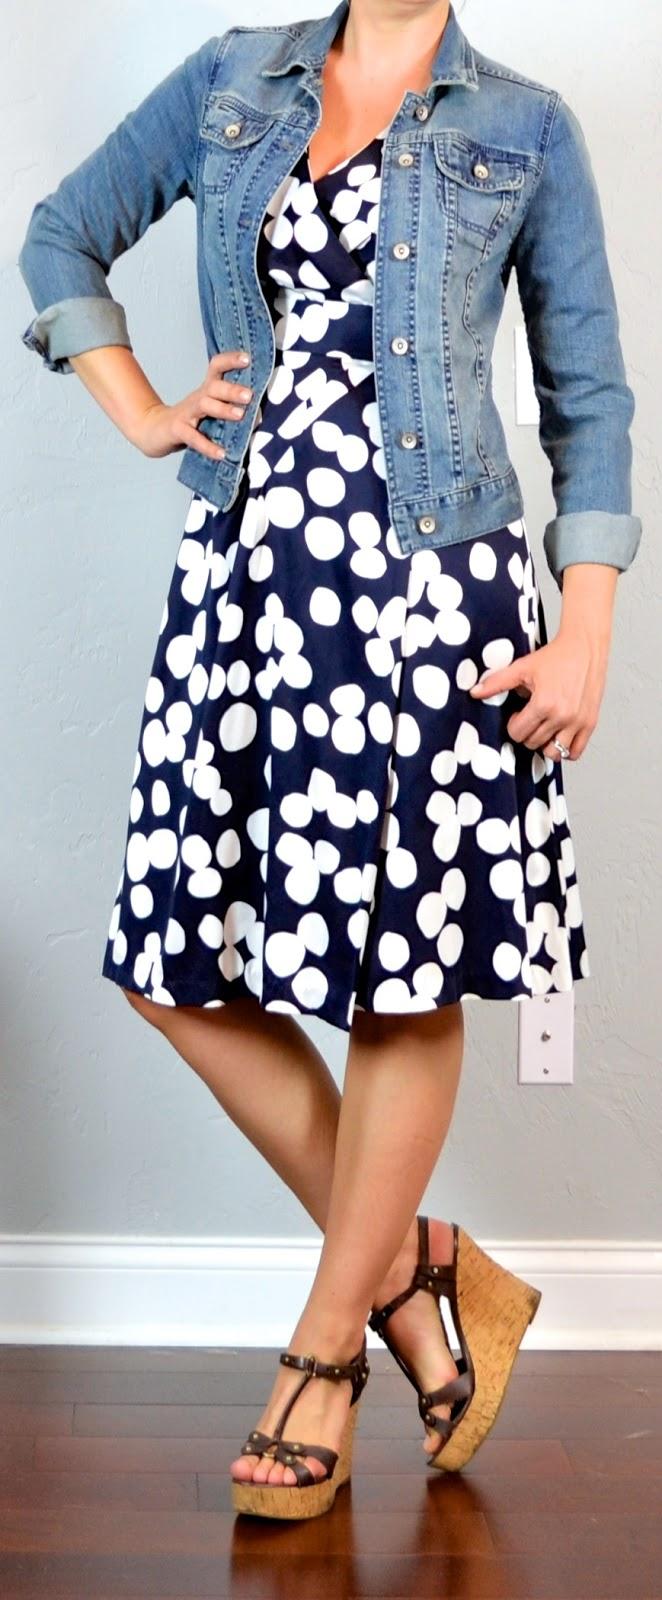 Black Polka Dot Nursing Modest Dress   Best Online Modest